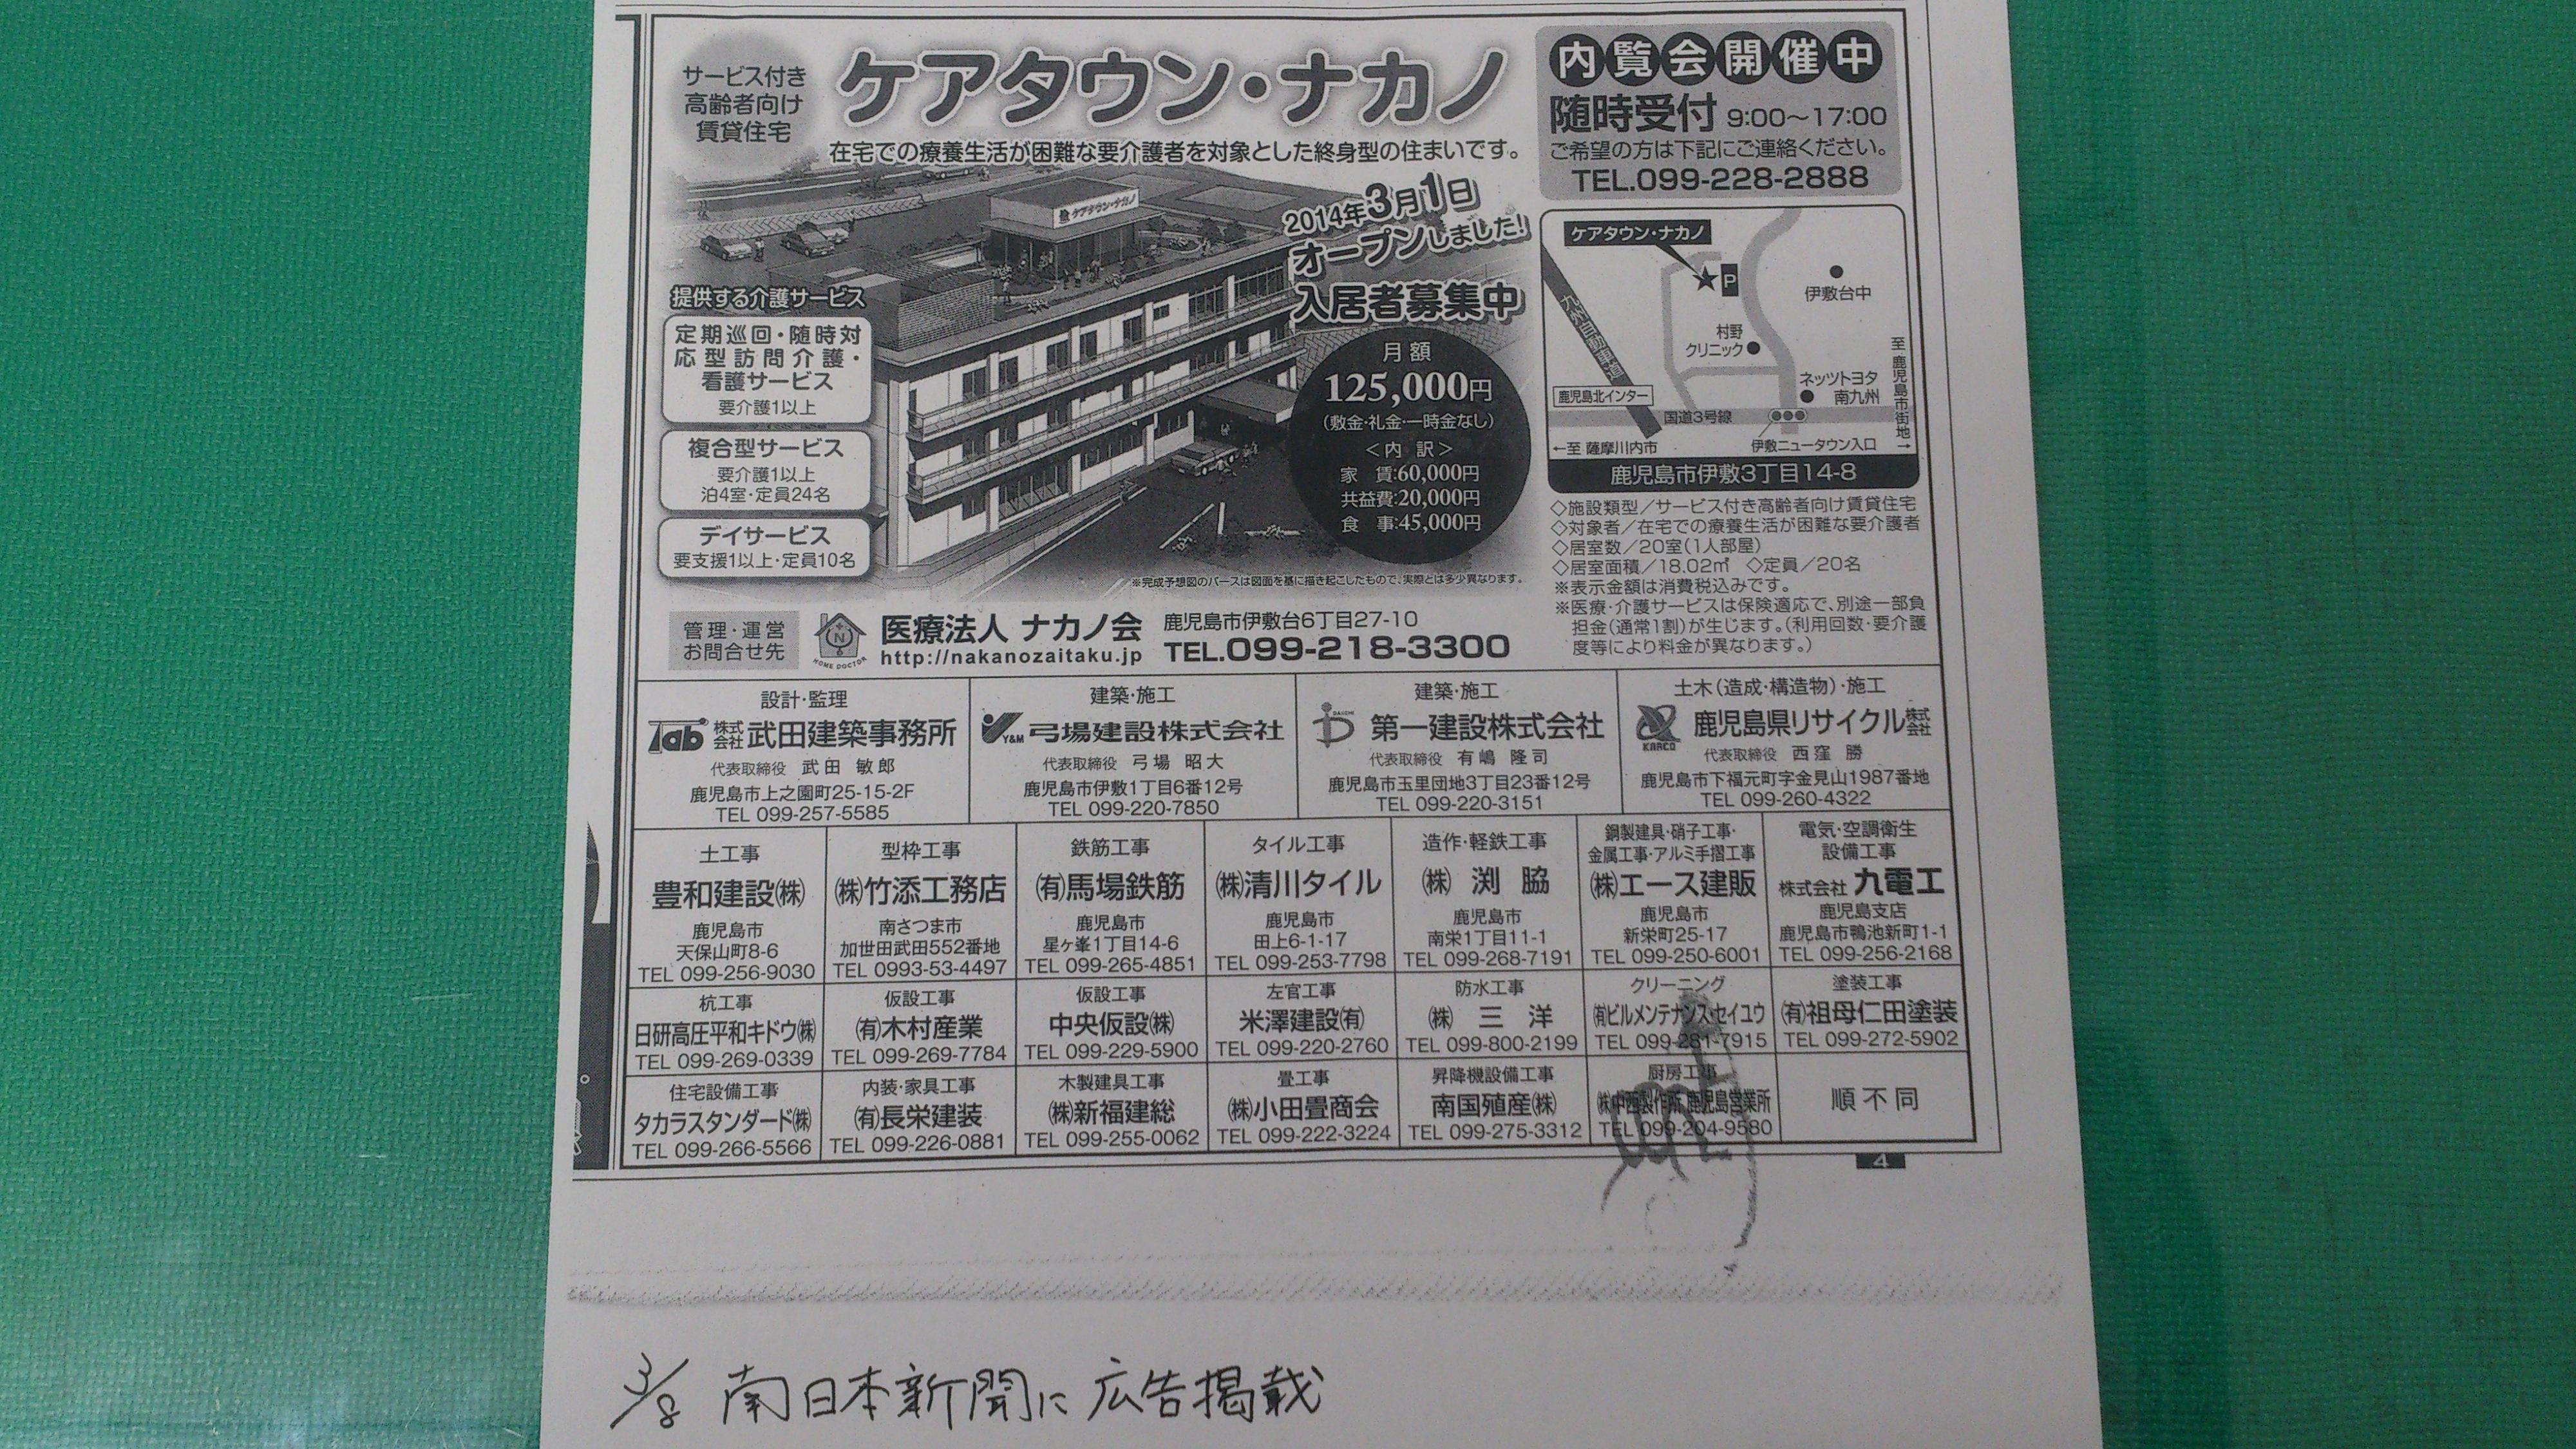 ケアタウンナカノ.jpg